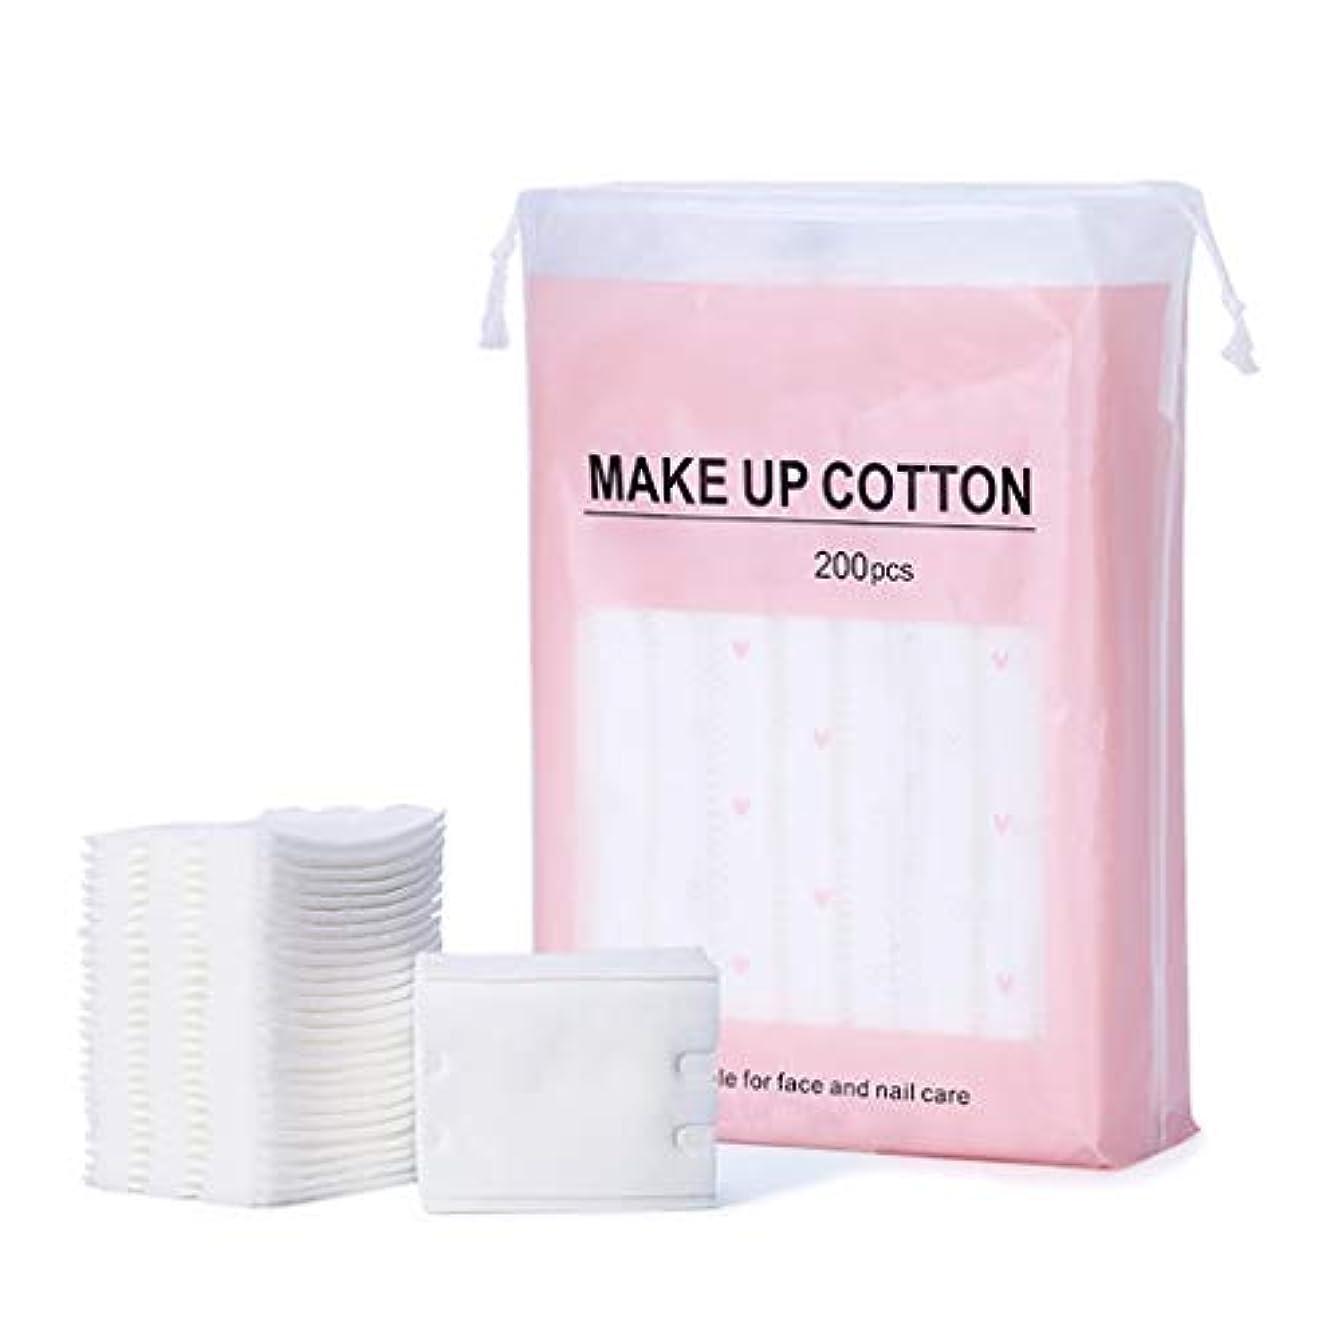 データベース少ない多数のクレンジングシート 200ピース三層化粧品コットンパッド拭きナチュラル毎日用品フェイシャルコットンメイク落としツール (Color : White)